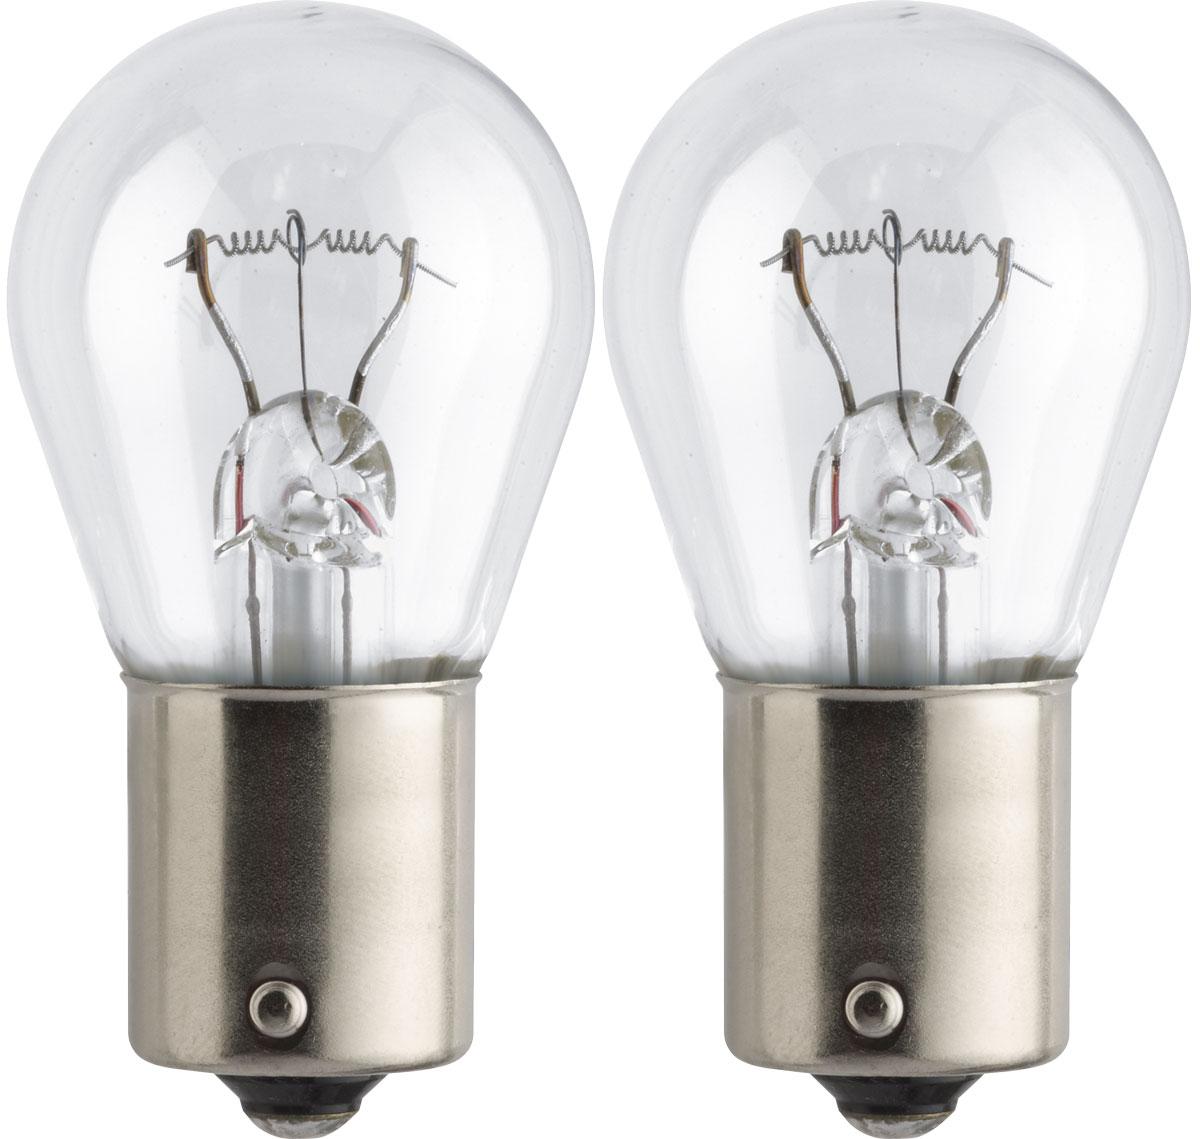 Лампа автомобильная галогенная Philips Standard, сигнальная, цоколь P21W (BA15s), 24V, 21W, 2 шт13498B2 (бл.2)Автомобильная галогенная лампа Philips Standard произведена из запатентованного кварцевого стекла с УФ-фильтром Philips Quartz Glass. Кварцевое стекло Philips с УФ фильтром в отличие от обычного твердого стекла выдерживает гораздо большее давление смеси газов внутри колбы, что препятствует быстрому испарению вольфрама с нити накаливания. Кварцевое стекло выдерживает большой перепад температур, при попадании влаги на работающую лампу изделие не взрывается и продолжает работать. Автомобильная лампа Philips Standard с напряжением питания 24 В предназначена для автобусов и грузовиков, она создает максимальную безопасность и комфорт при вождении, а также отличается экономичностью, непревзойденным сроком службы и повышенной устойчивостью к вибрациям. Такие лампы являются отличным световым решением, соответствуют стандартам качества для оригинального оборудования и обеспечивают максимальную производительность и минимальное время простоя. ...